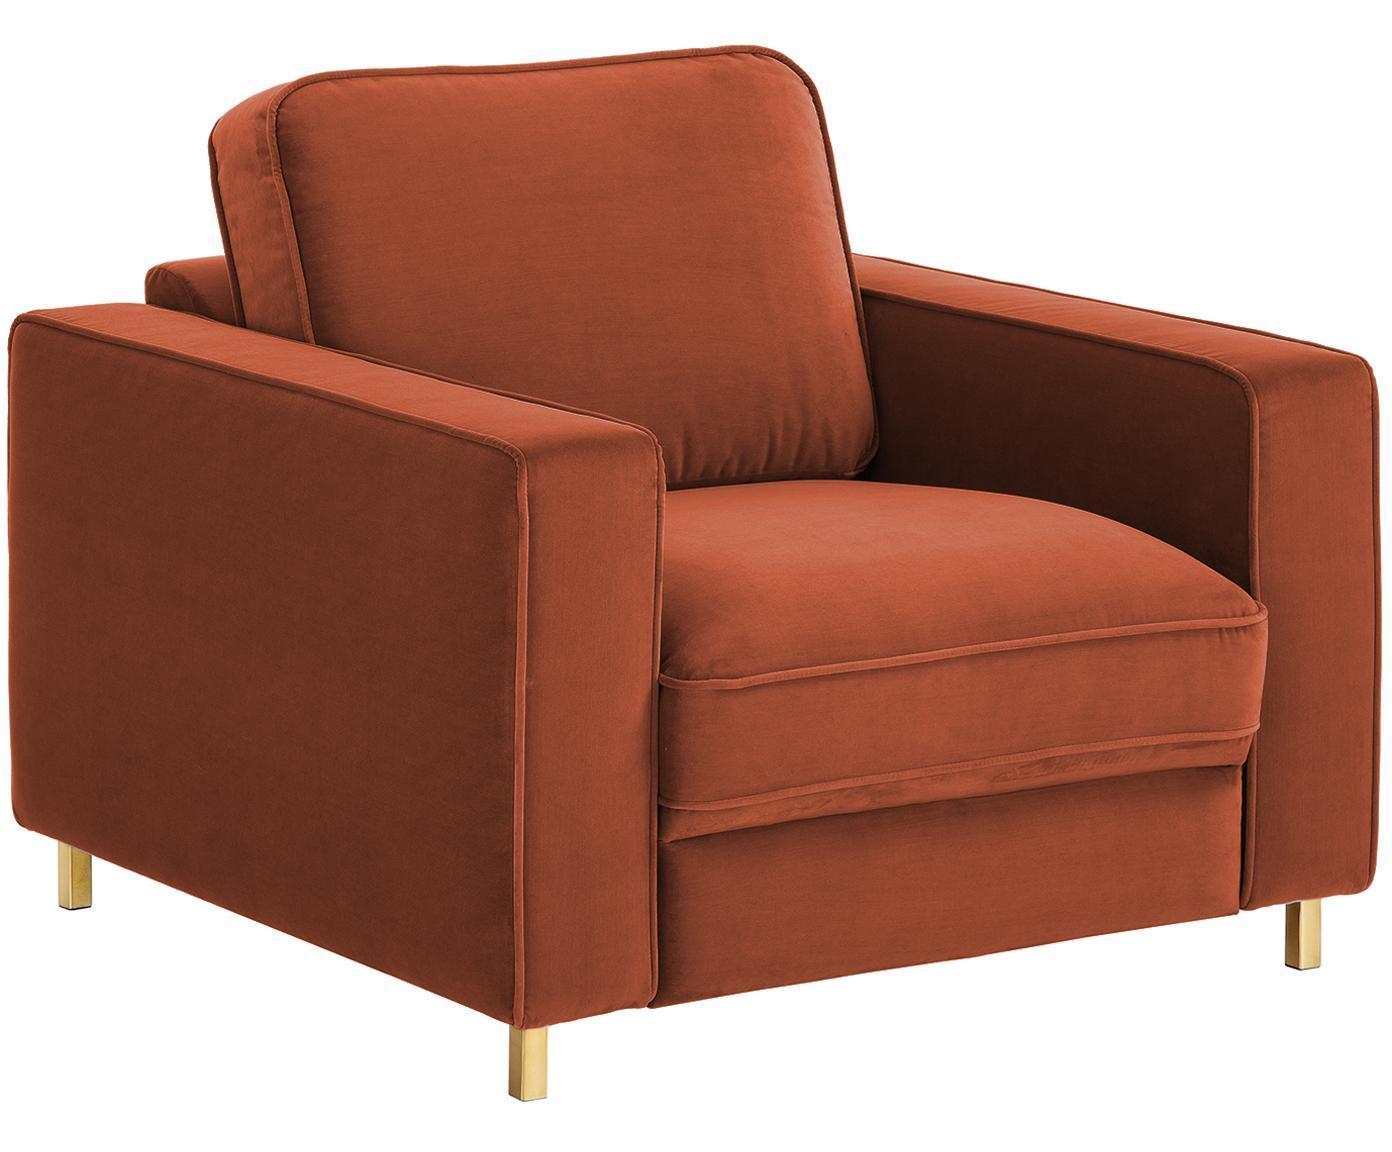 Fotel z aksamitu Chelsea, Tapicerka: aksamit (wysokiej jakości, Stelaż: lite drewno świerkowe, Tapicerka: pianka na zawieszeniu spr, Nogi: metal malowany proszkowo, Rudy, S 83 x G 93 cm